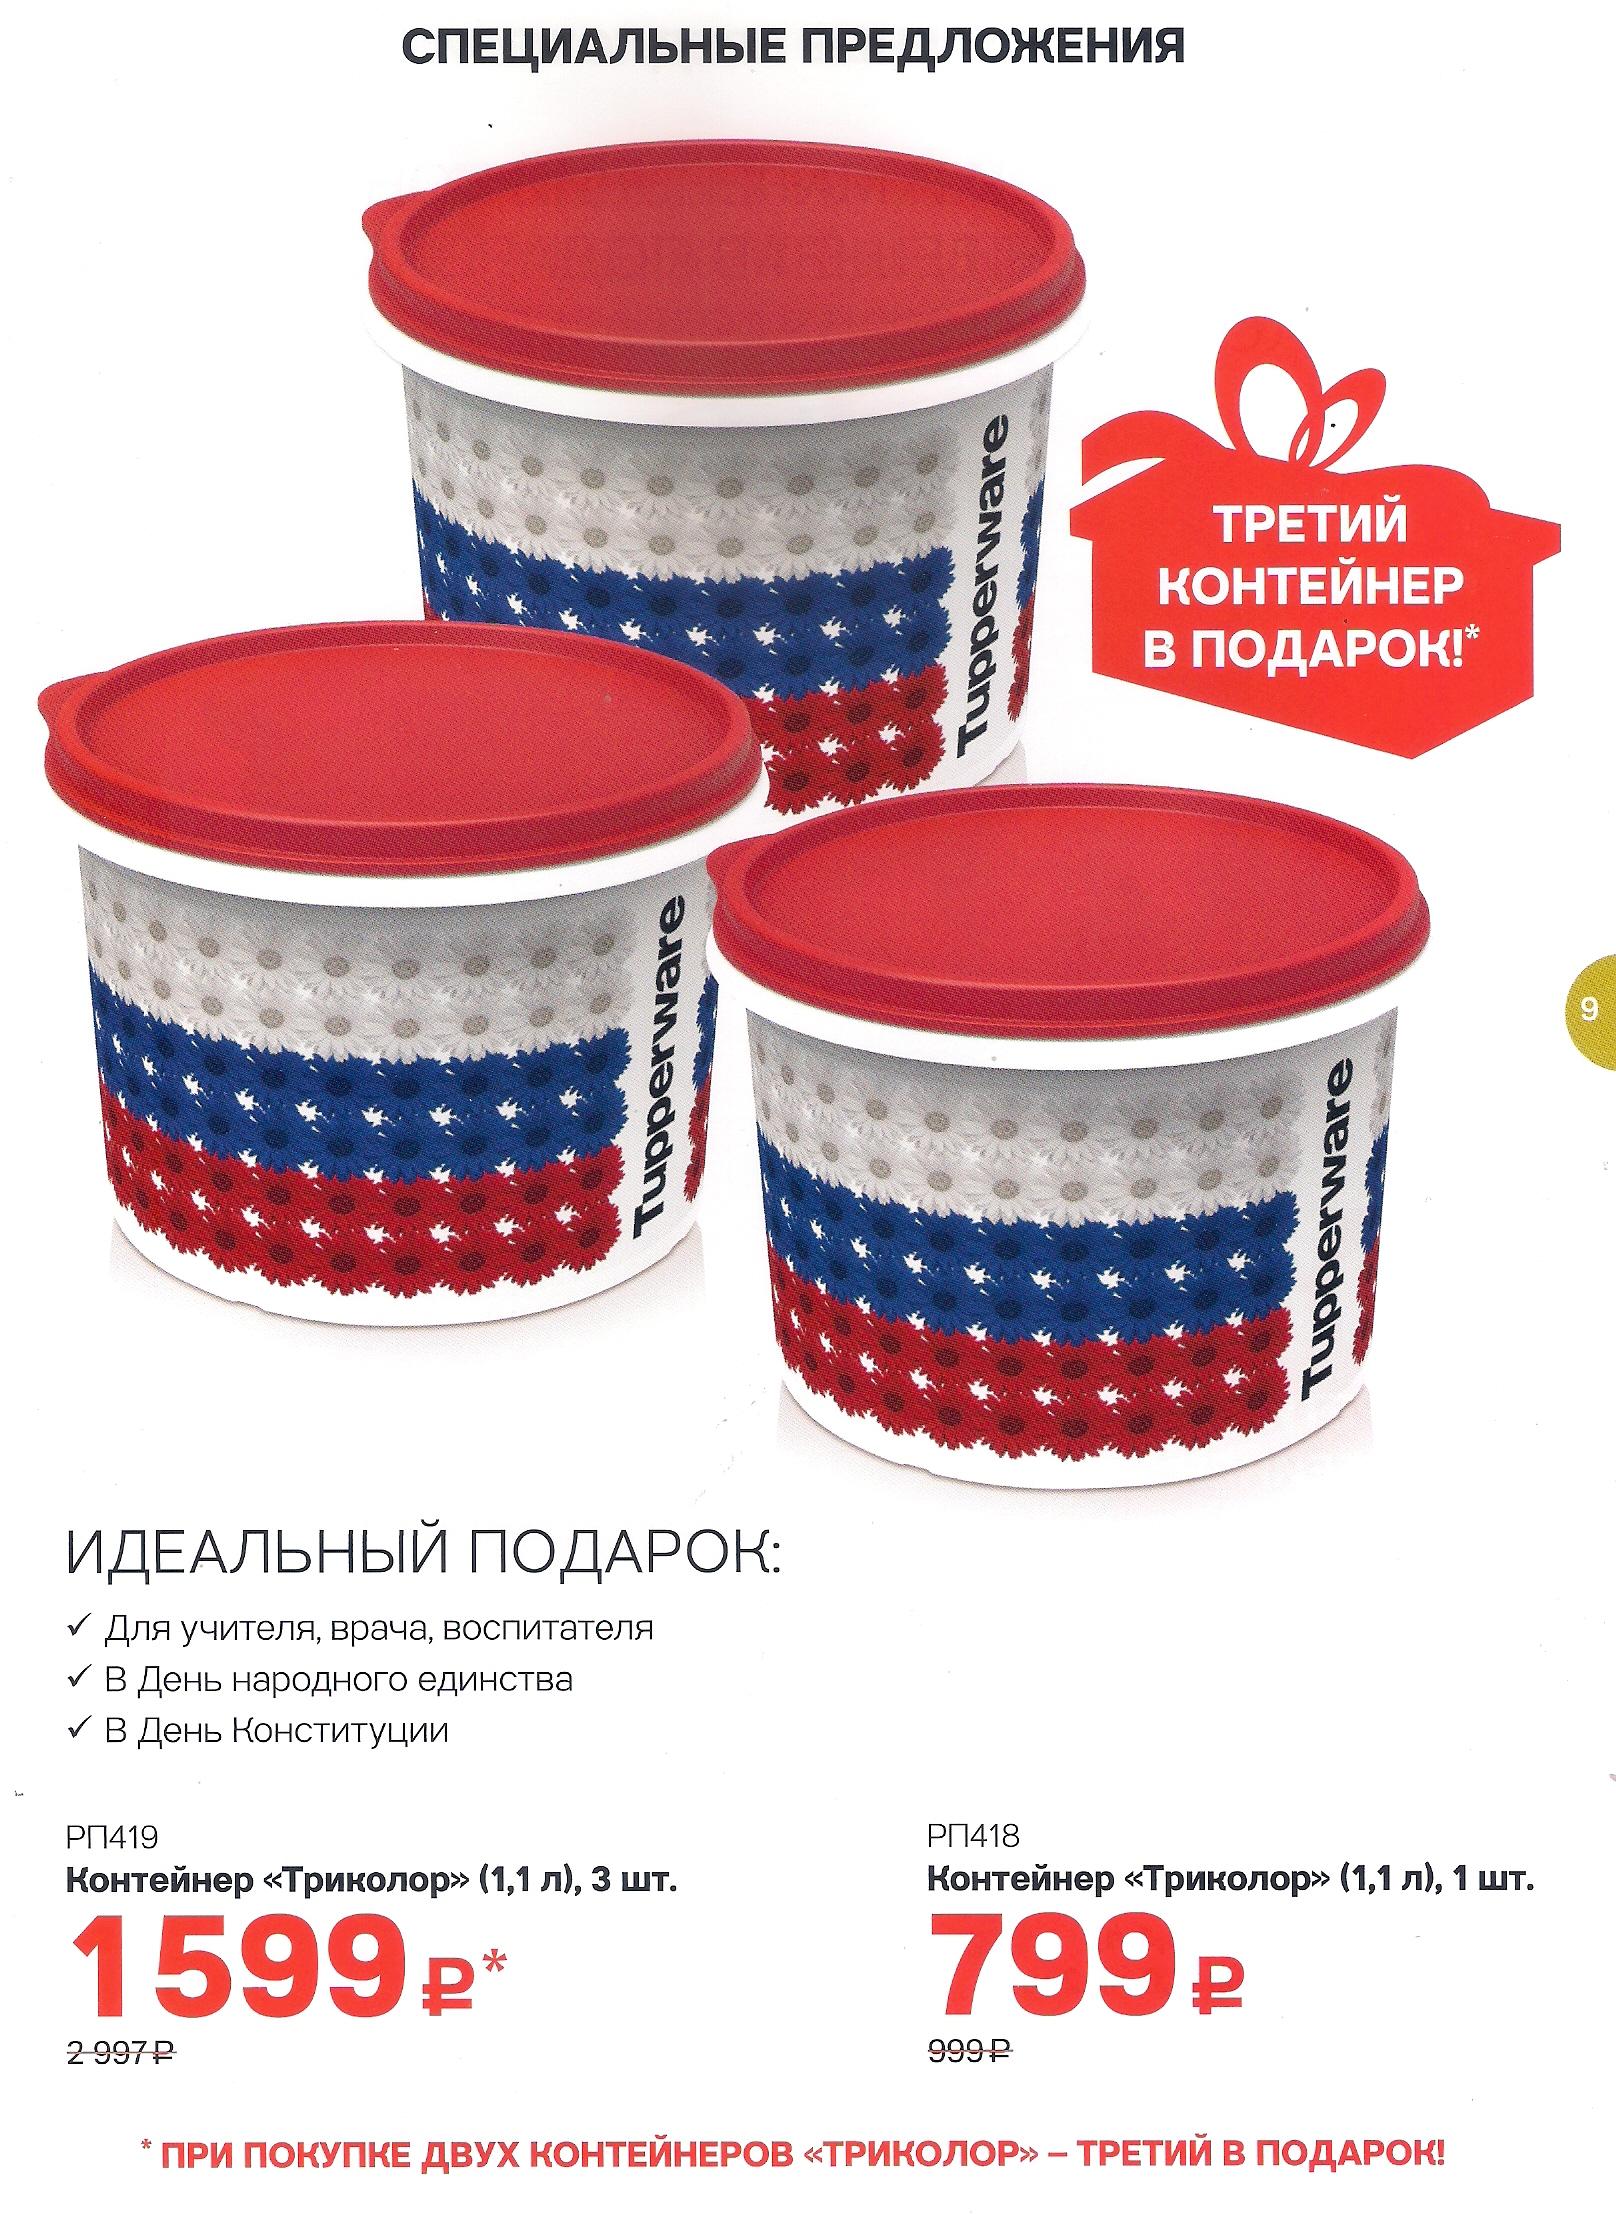 https://tupperware-online.ru/images/upload/8p.jpg